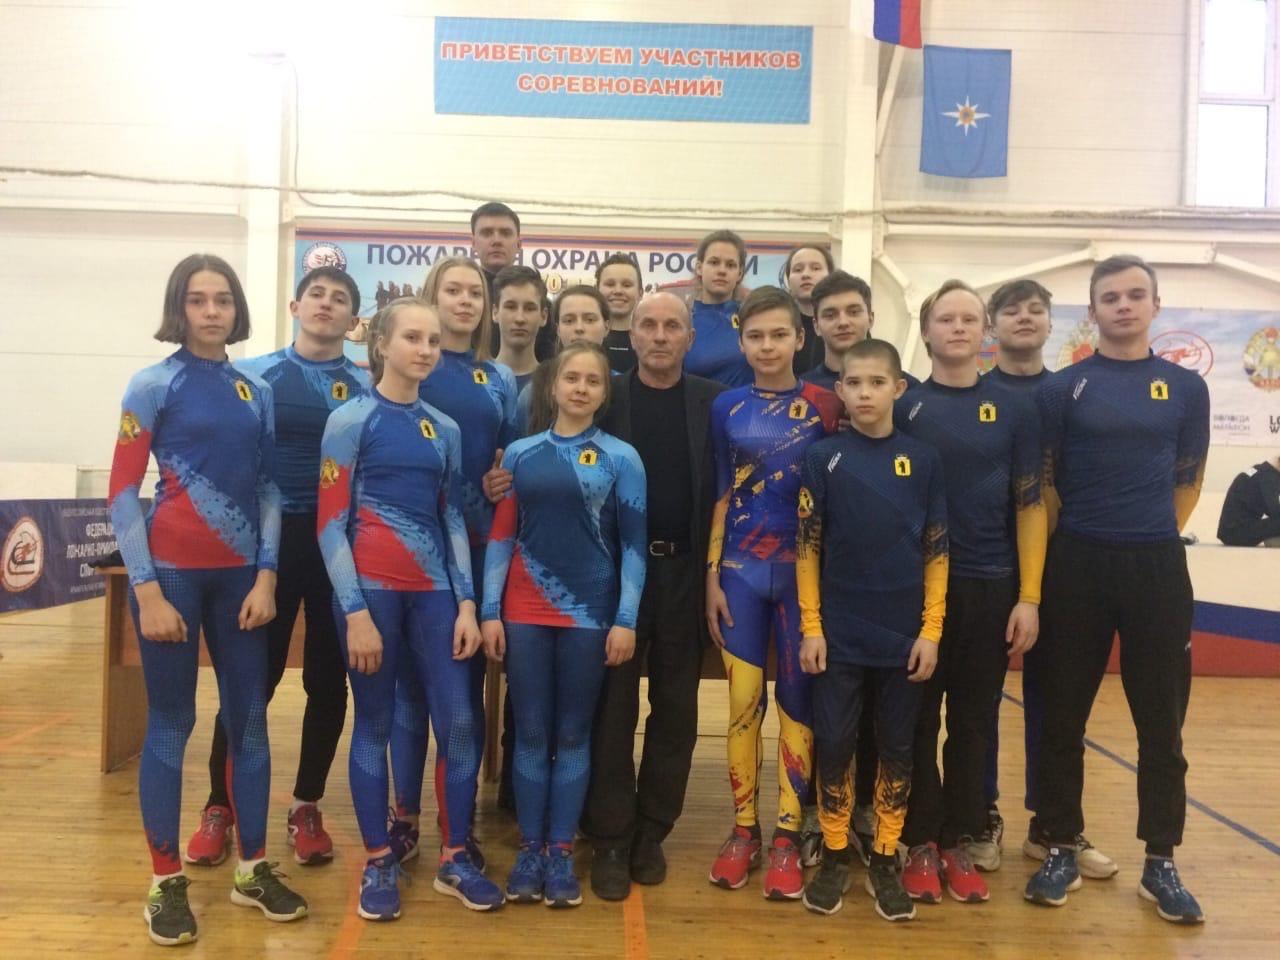 Всероссийские соревнования по пожарно-спасательному спорту «Кубок МЧС России»